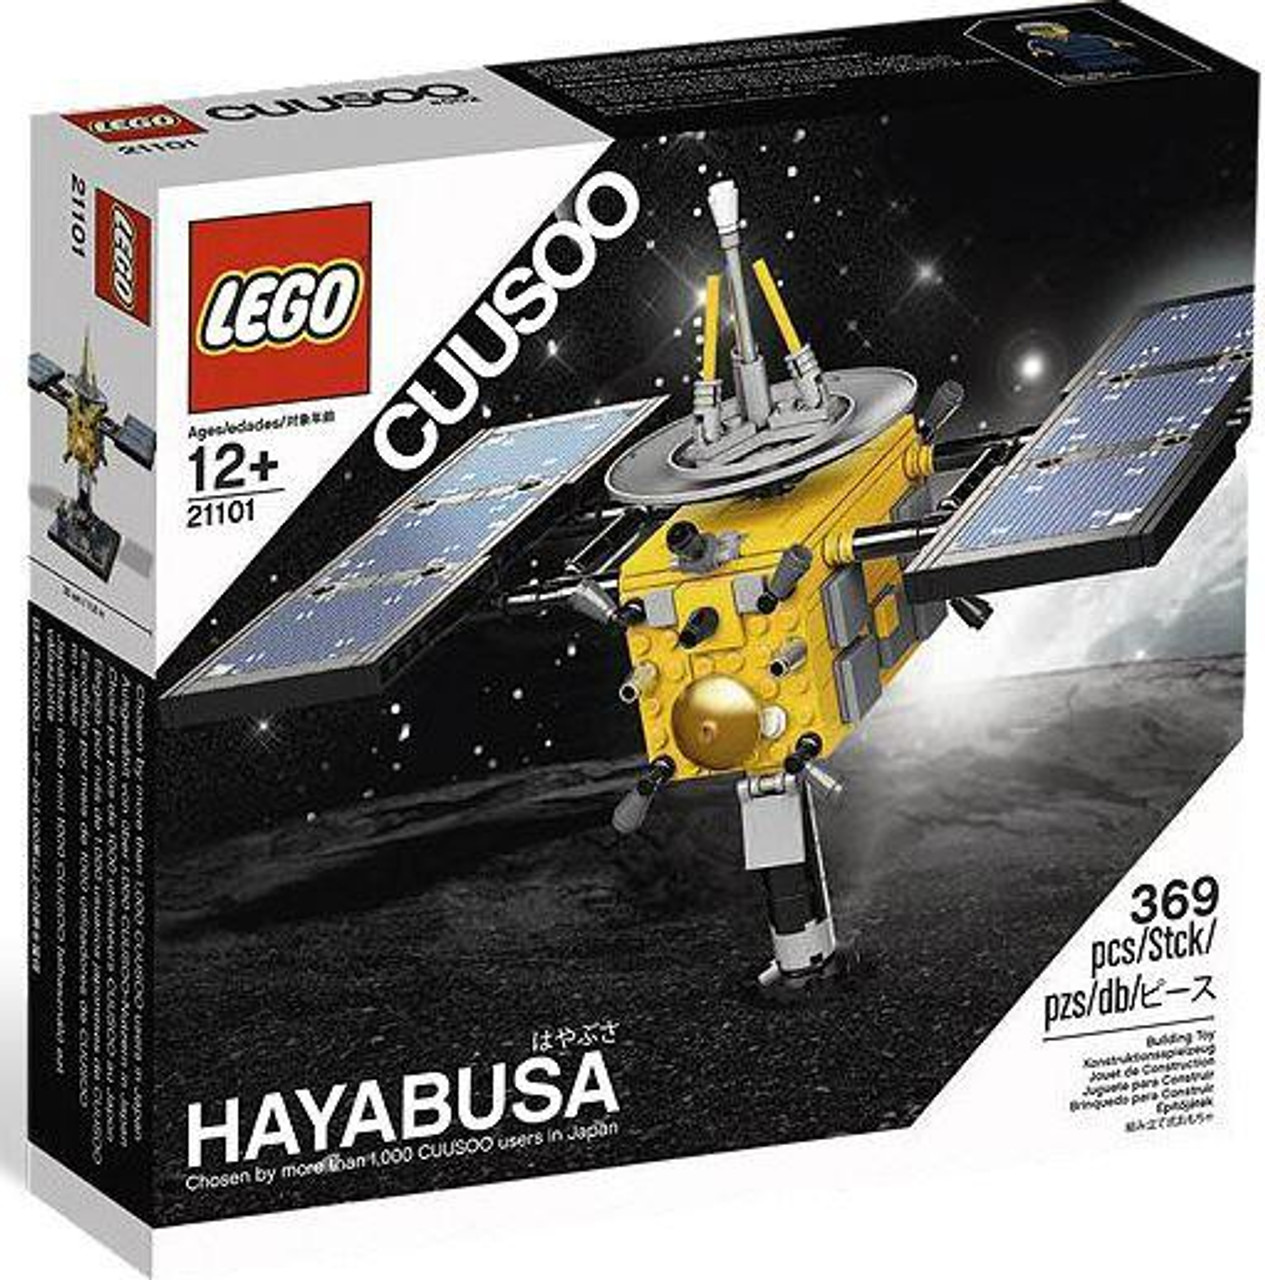 LEGO Cuusoo Hayabusa Set #21101